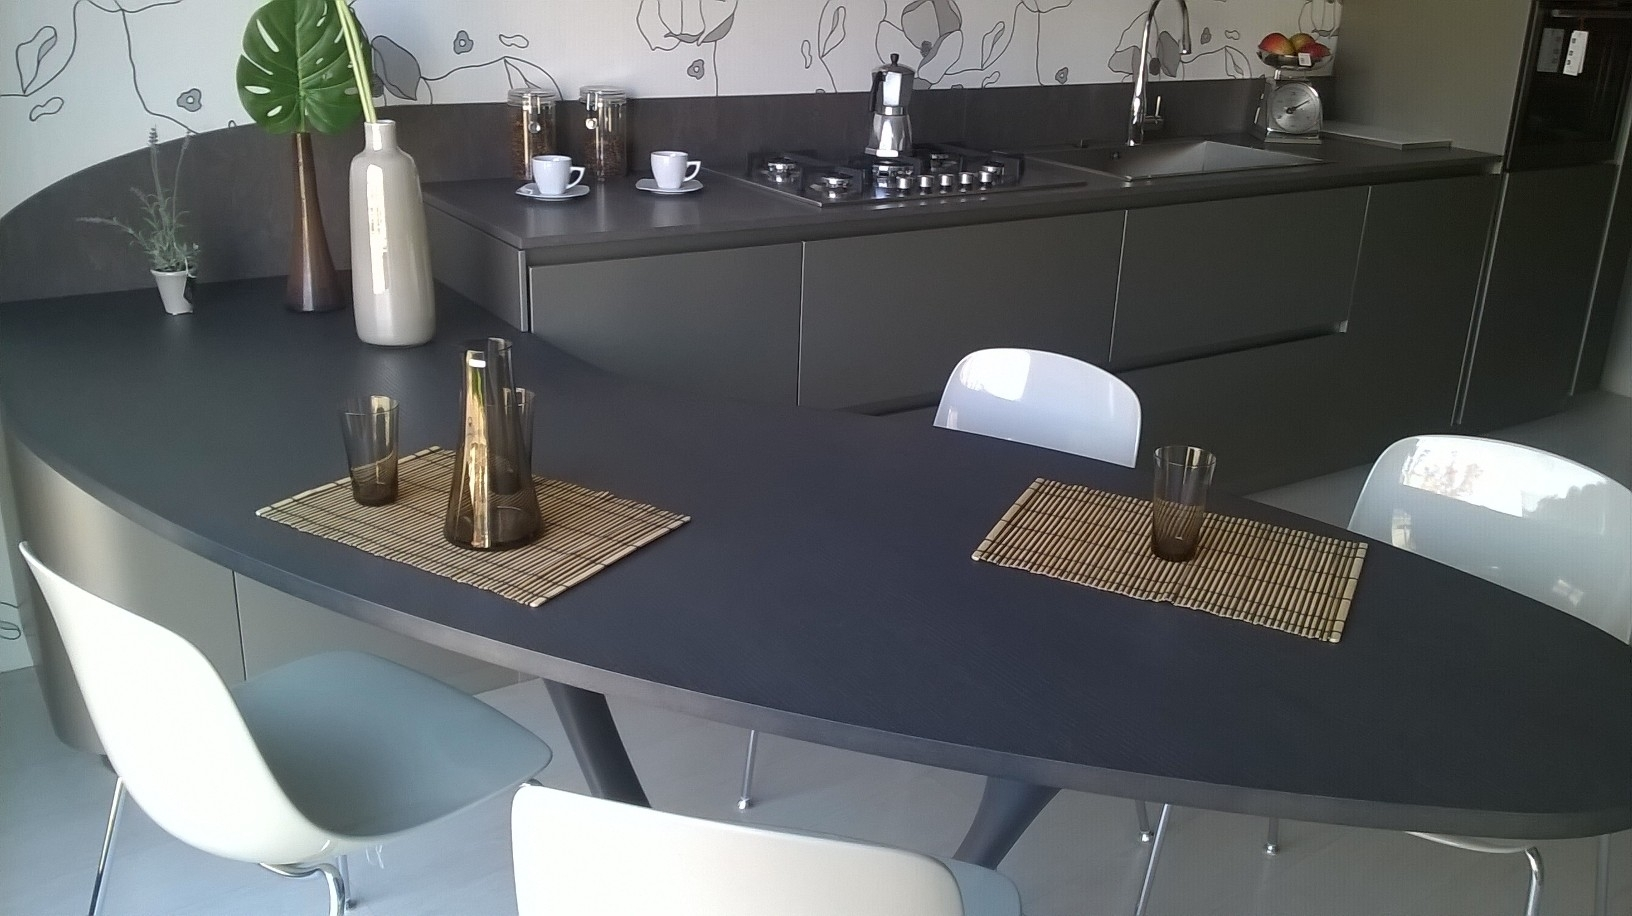 Cucina Ola Snaidero ~ Idea del Concetto di Interior Design, Mobili e ...